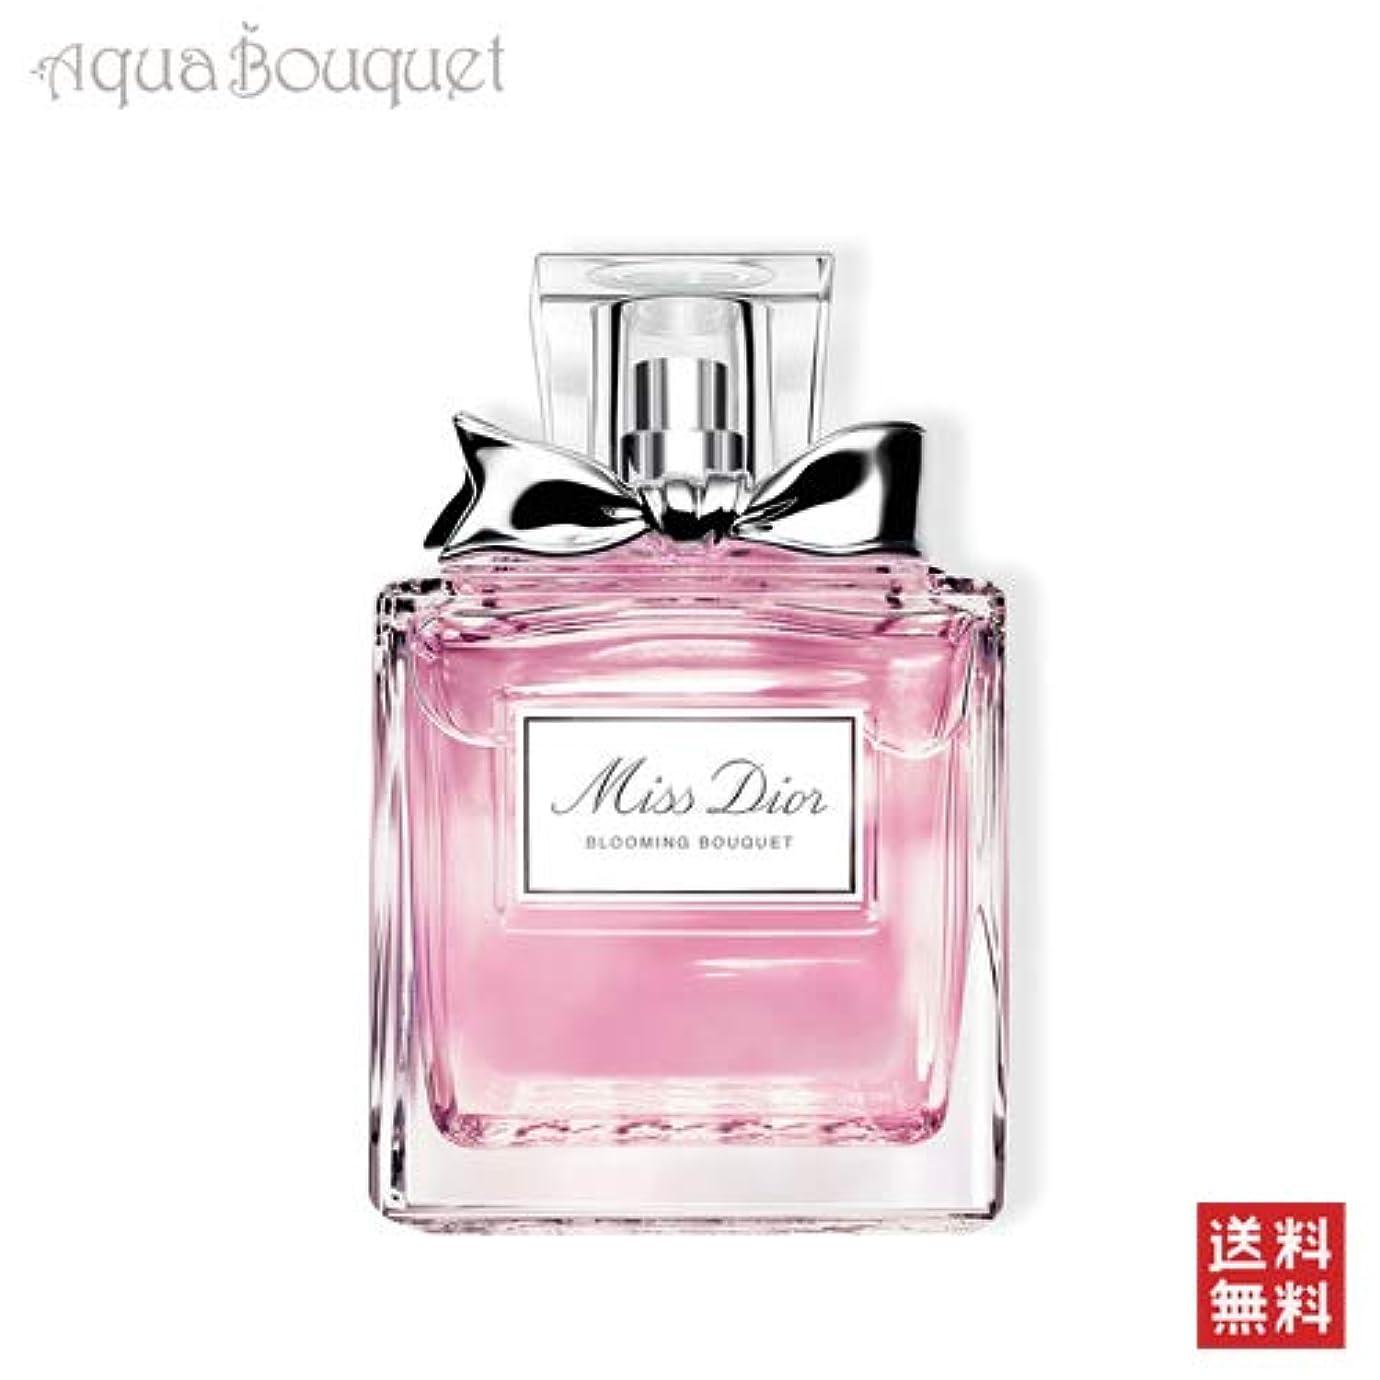 力マーカー珍味Dior ミスディオールブルーミングブーケ EDT 100ml [871991] [並行輸入品]